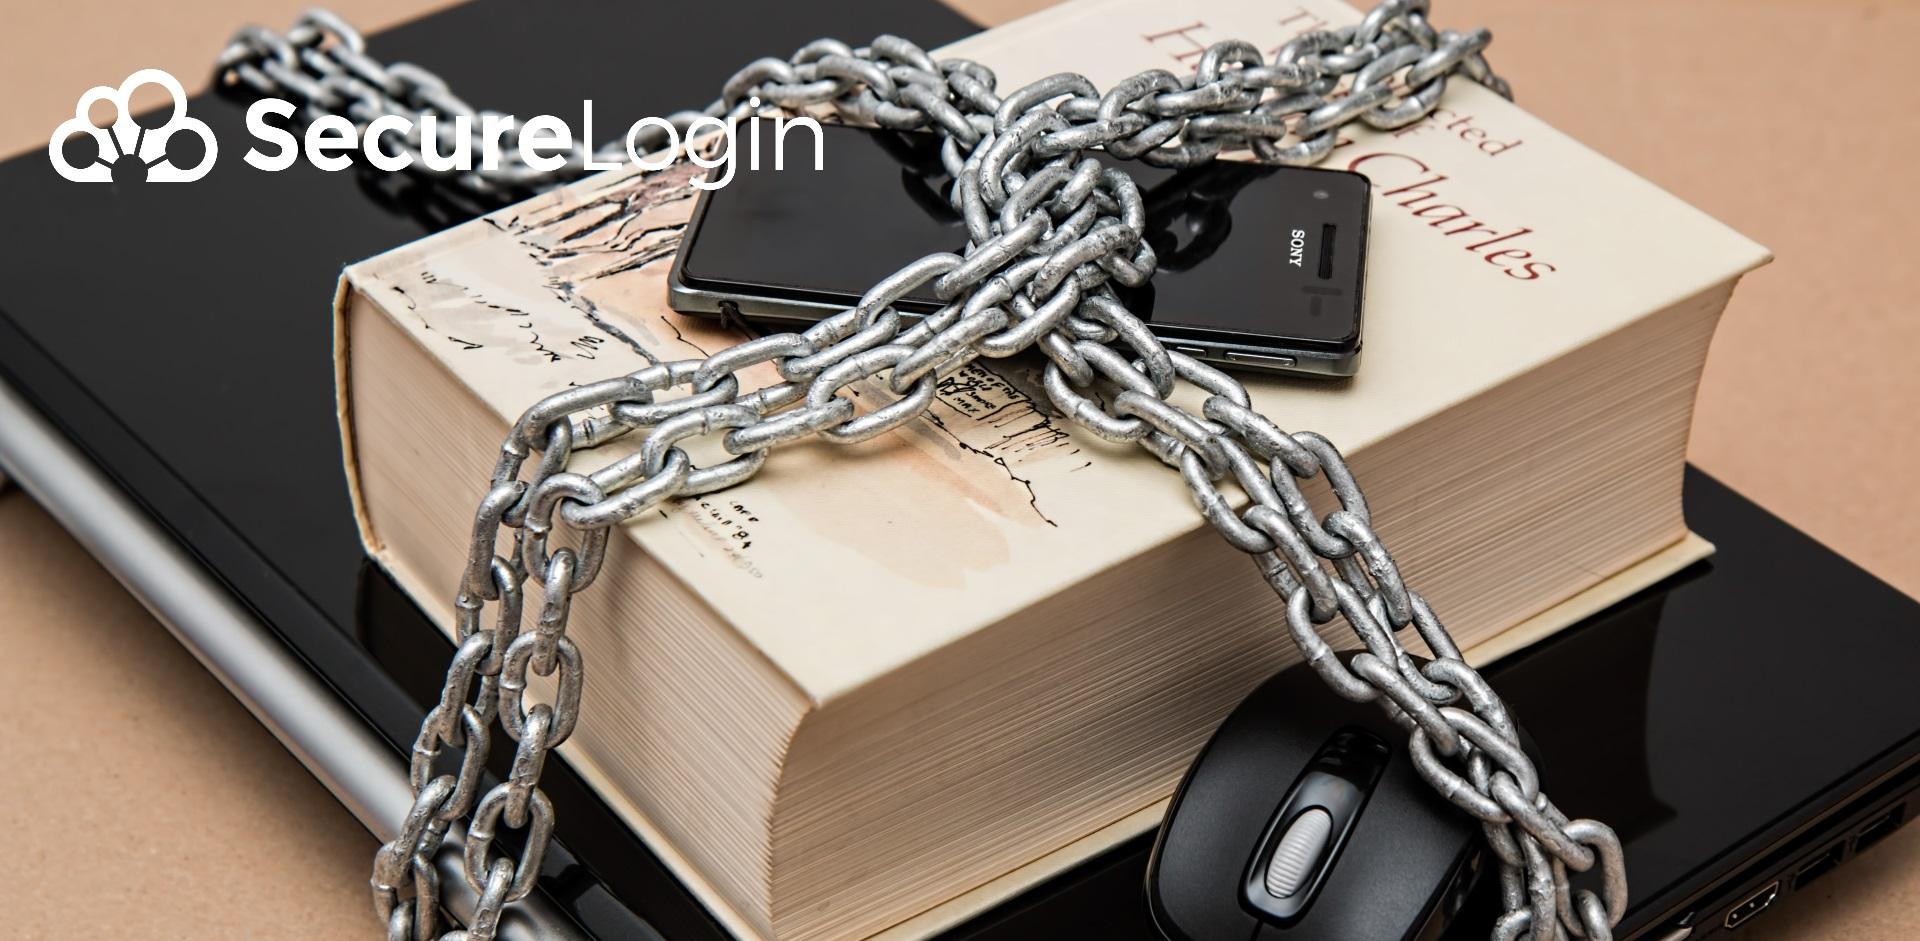 securelogin sso solution header